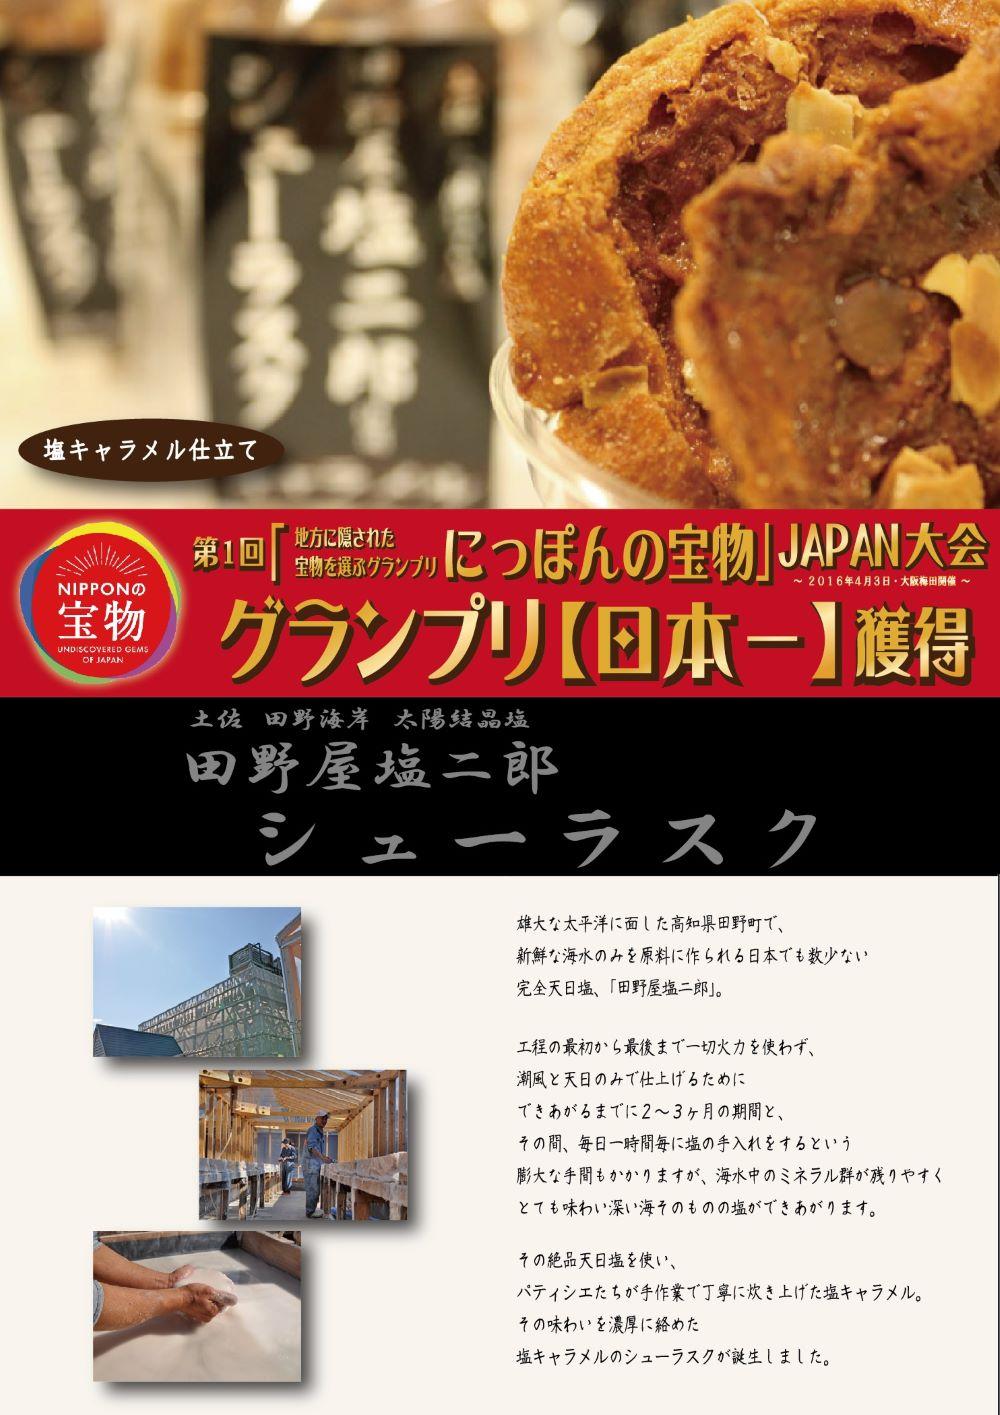 田野屋塩二郎プチシューラスク(12枚入)(※送料込み)